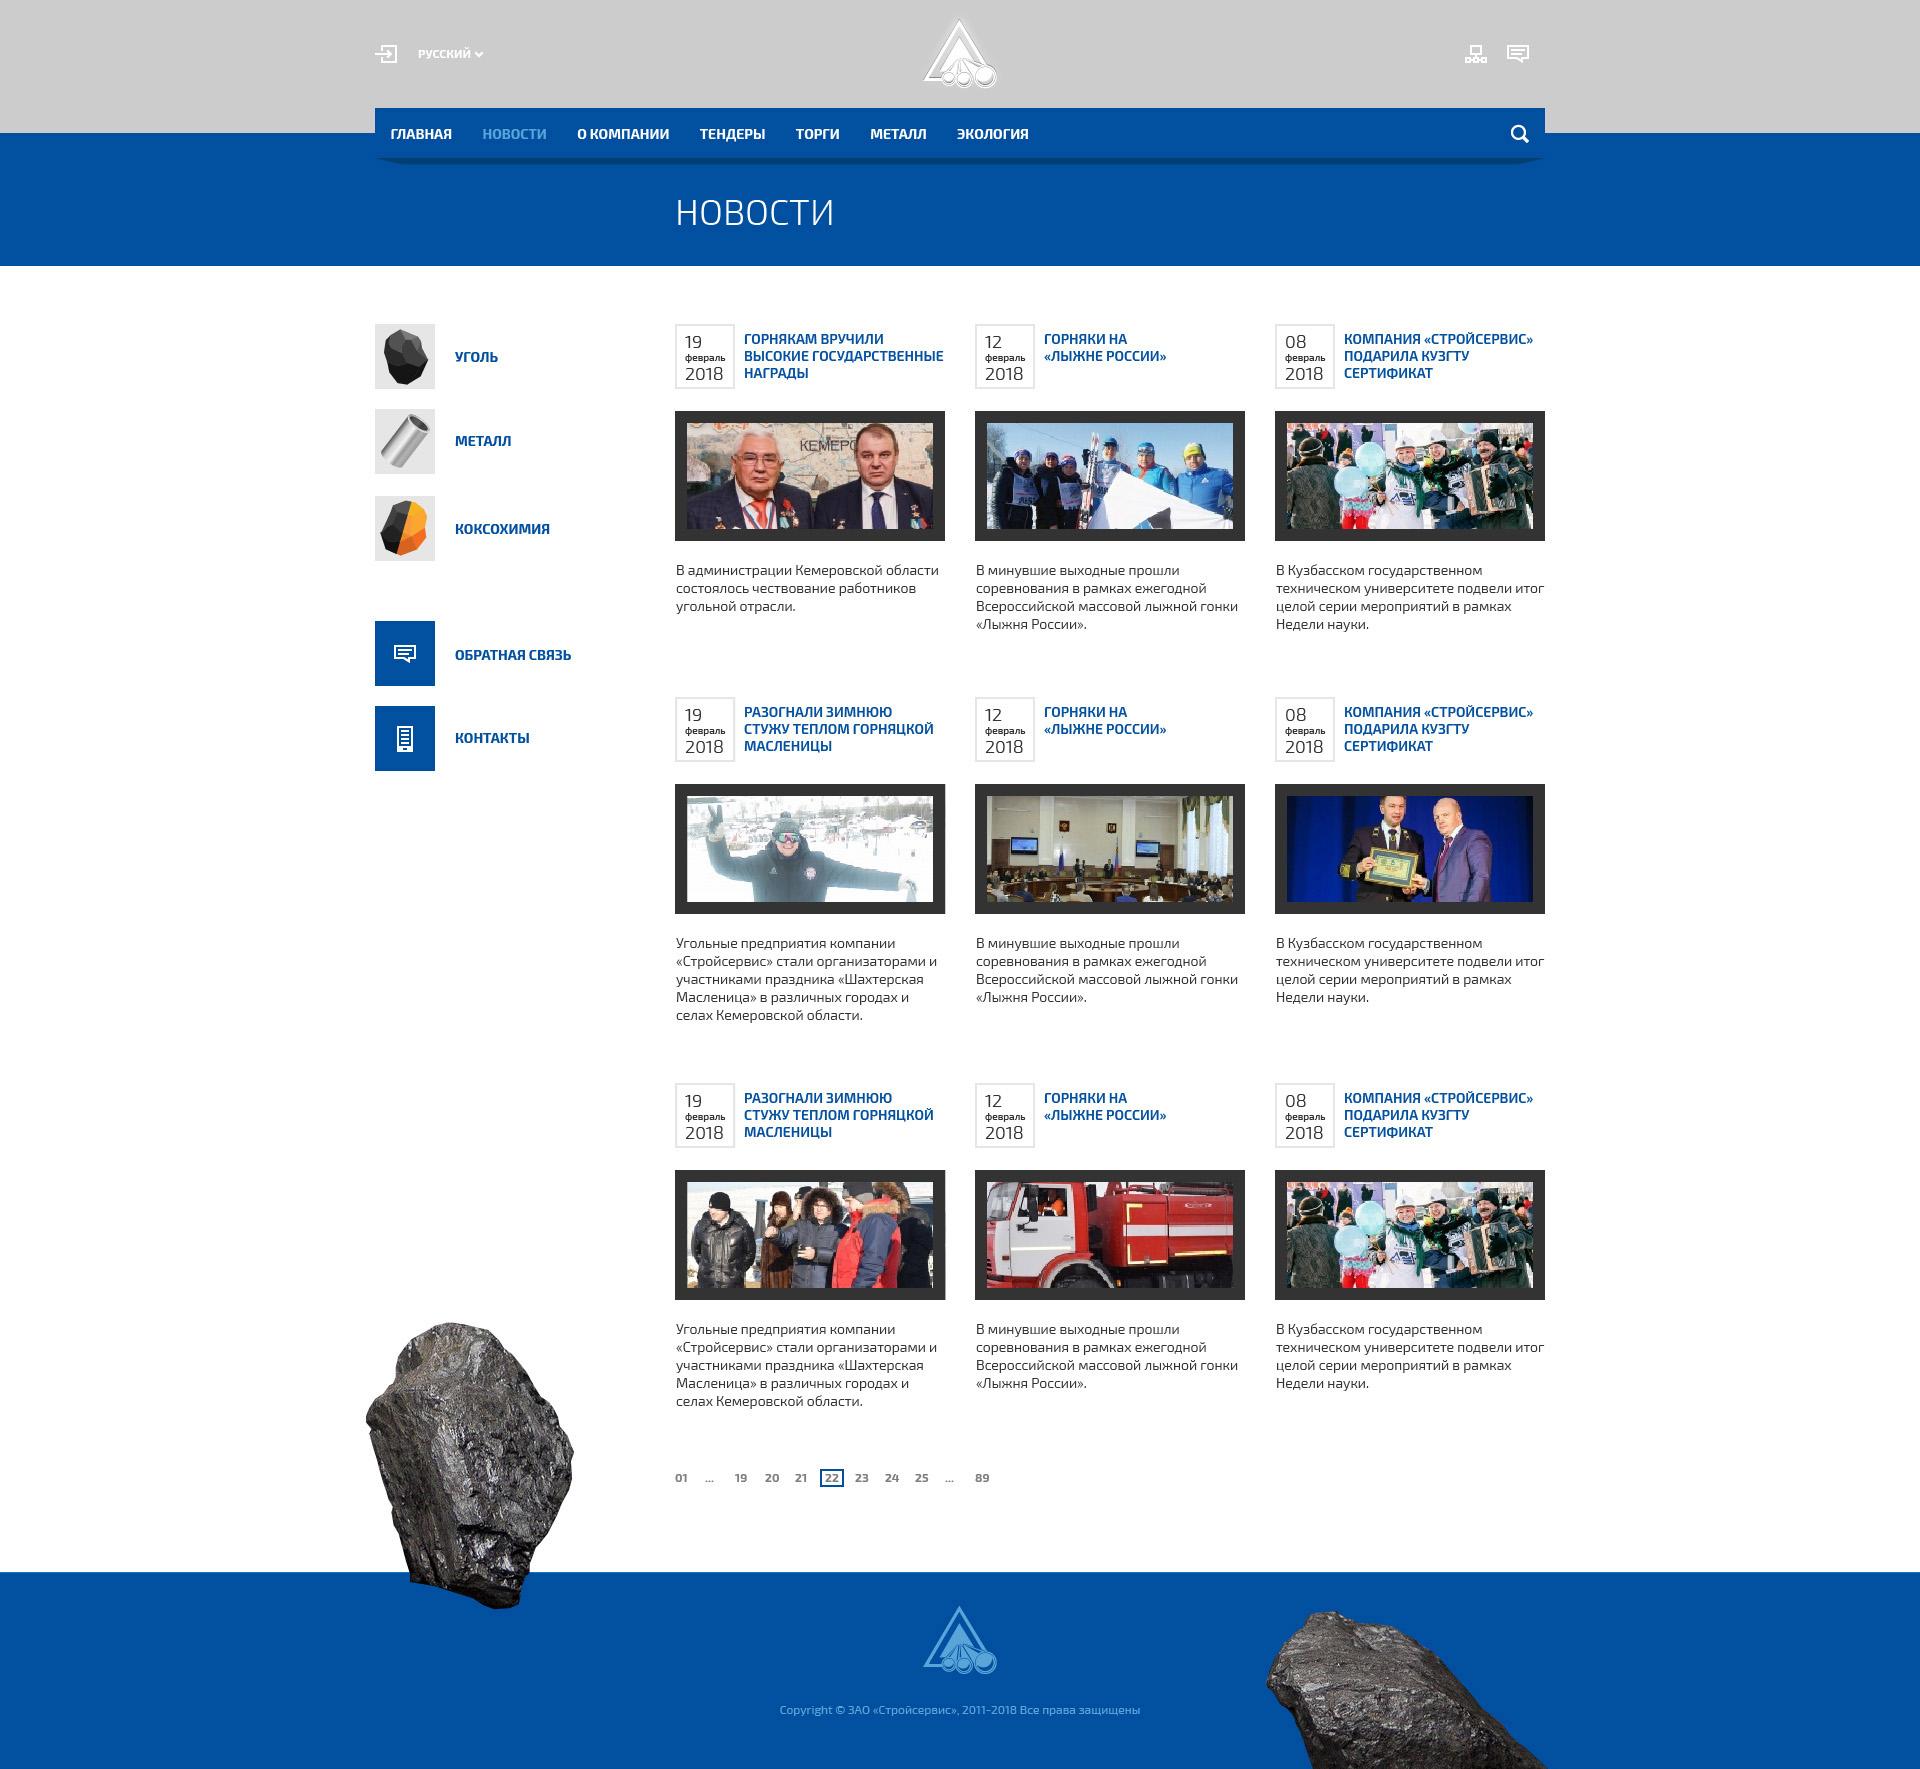 Разработка дизайна сайта угледобывающей компании фото f_7015a932b19df561.jpg